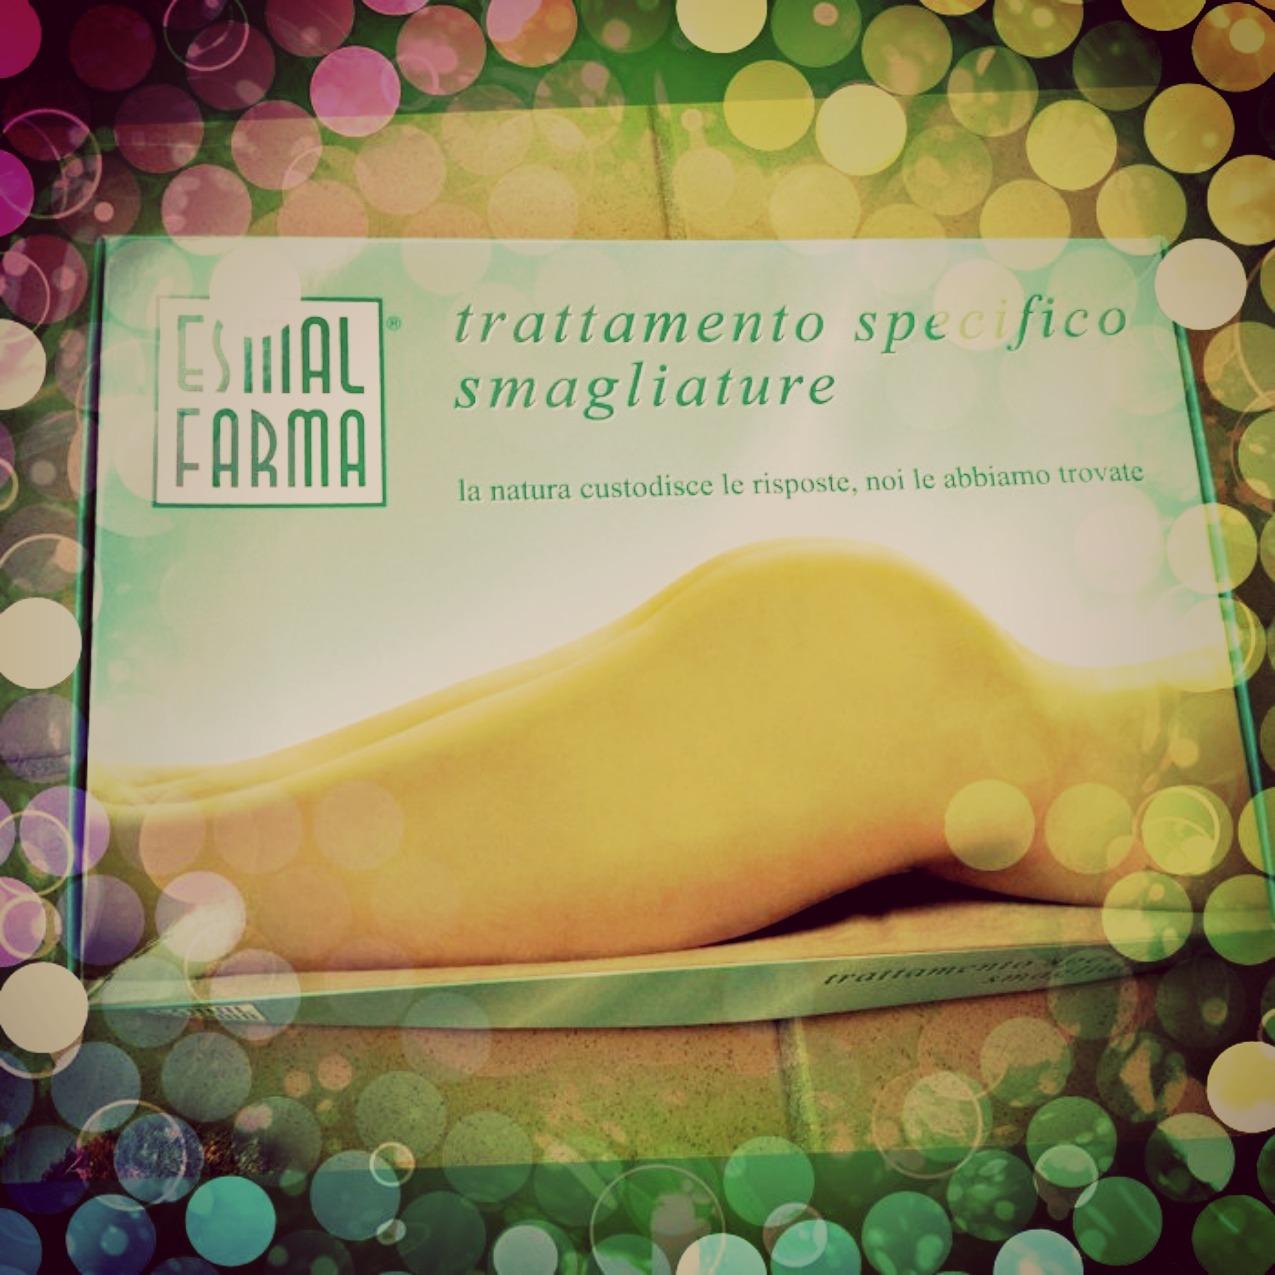 alessia milanese, thechilicool, fashion blog, fashion blogger,ESMALFARMA la soluzione per tutti i problemi di smagliature